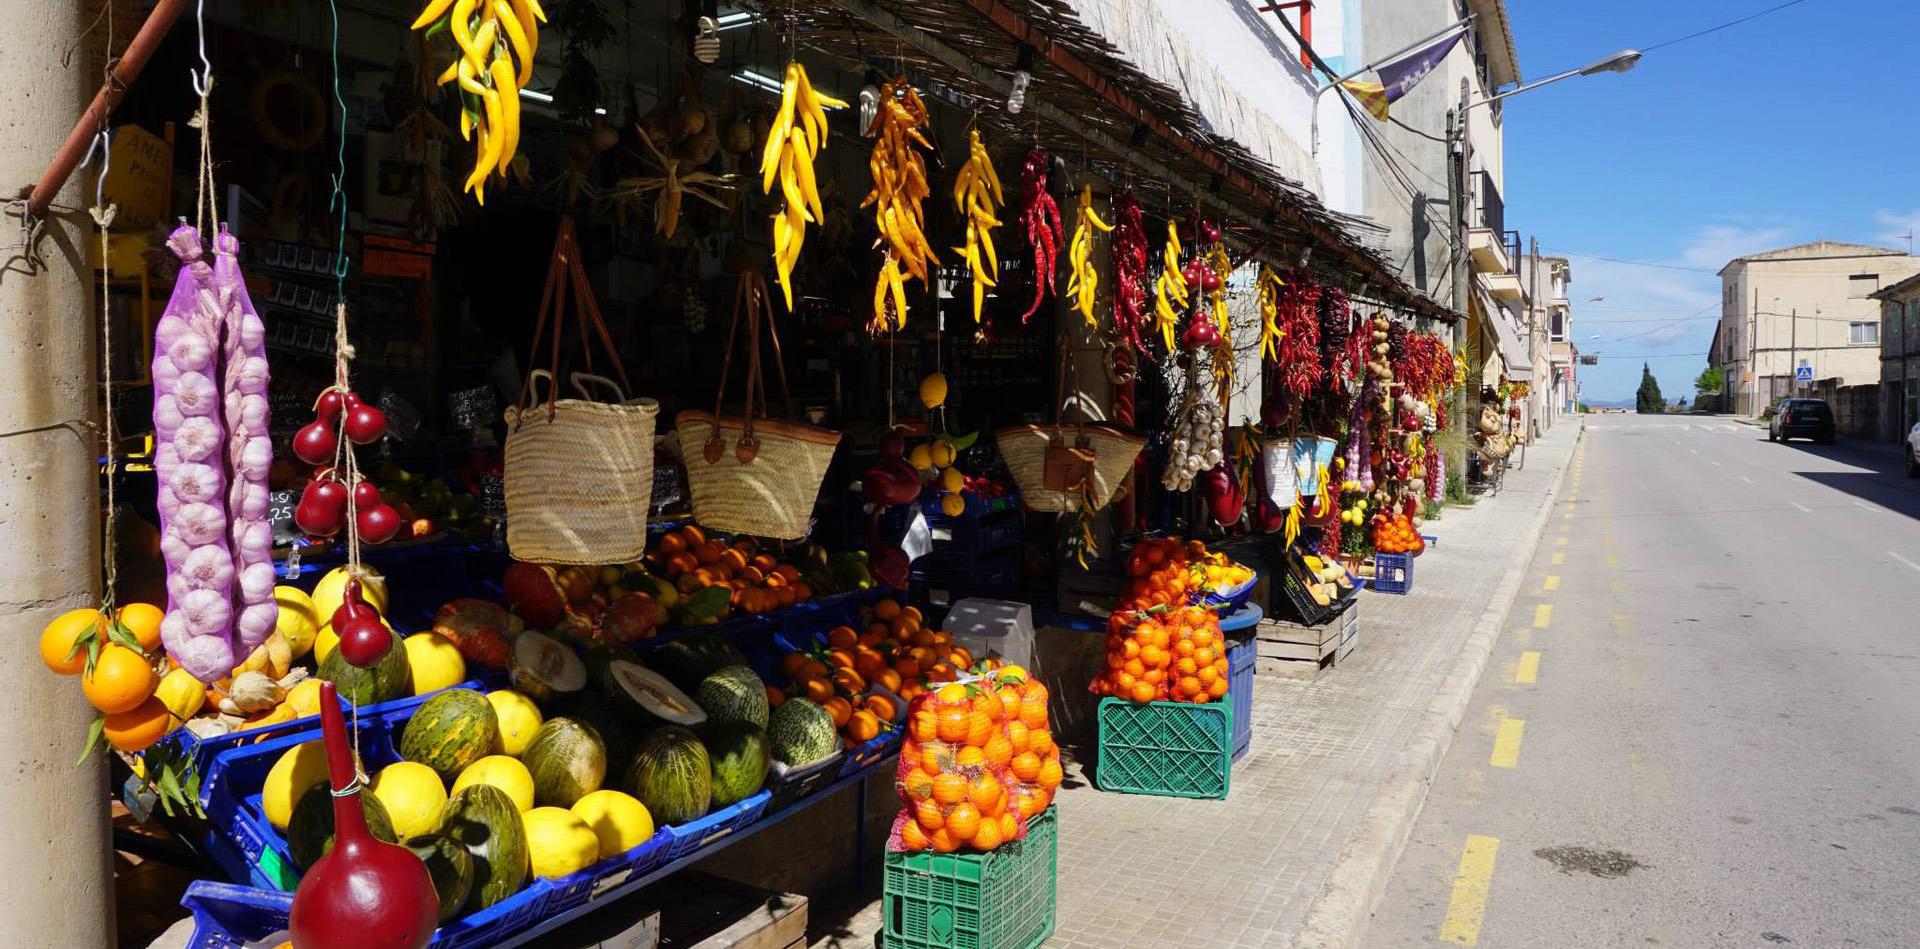 market in Mallorca